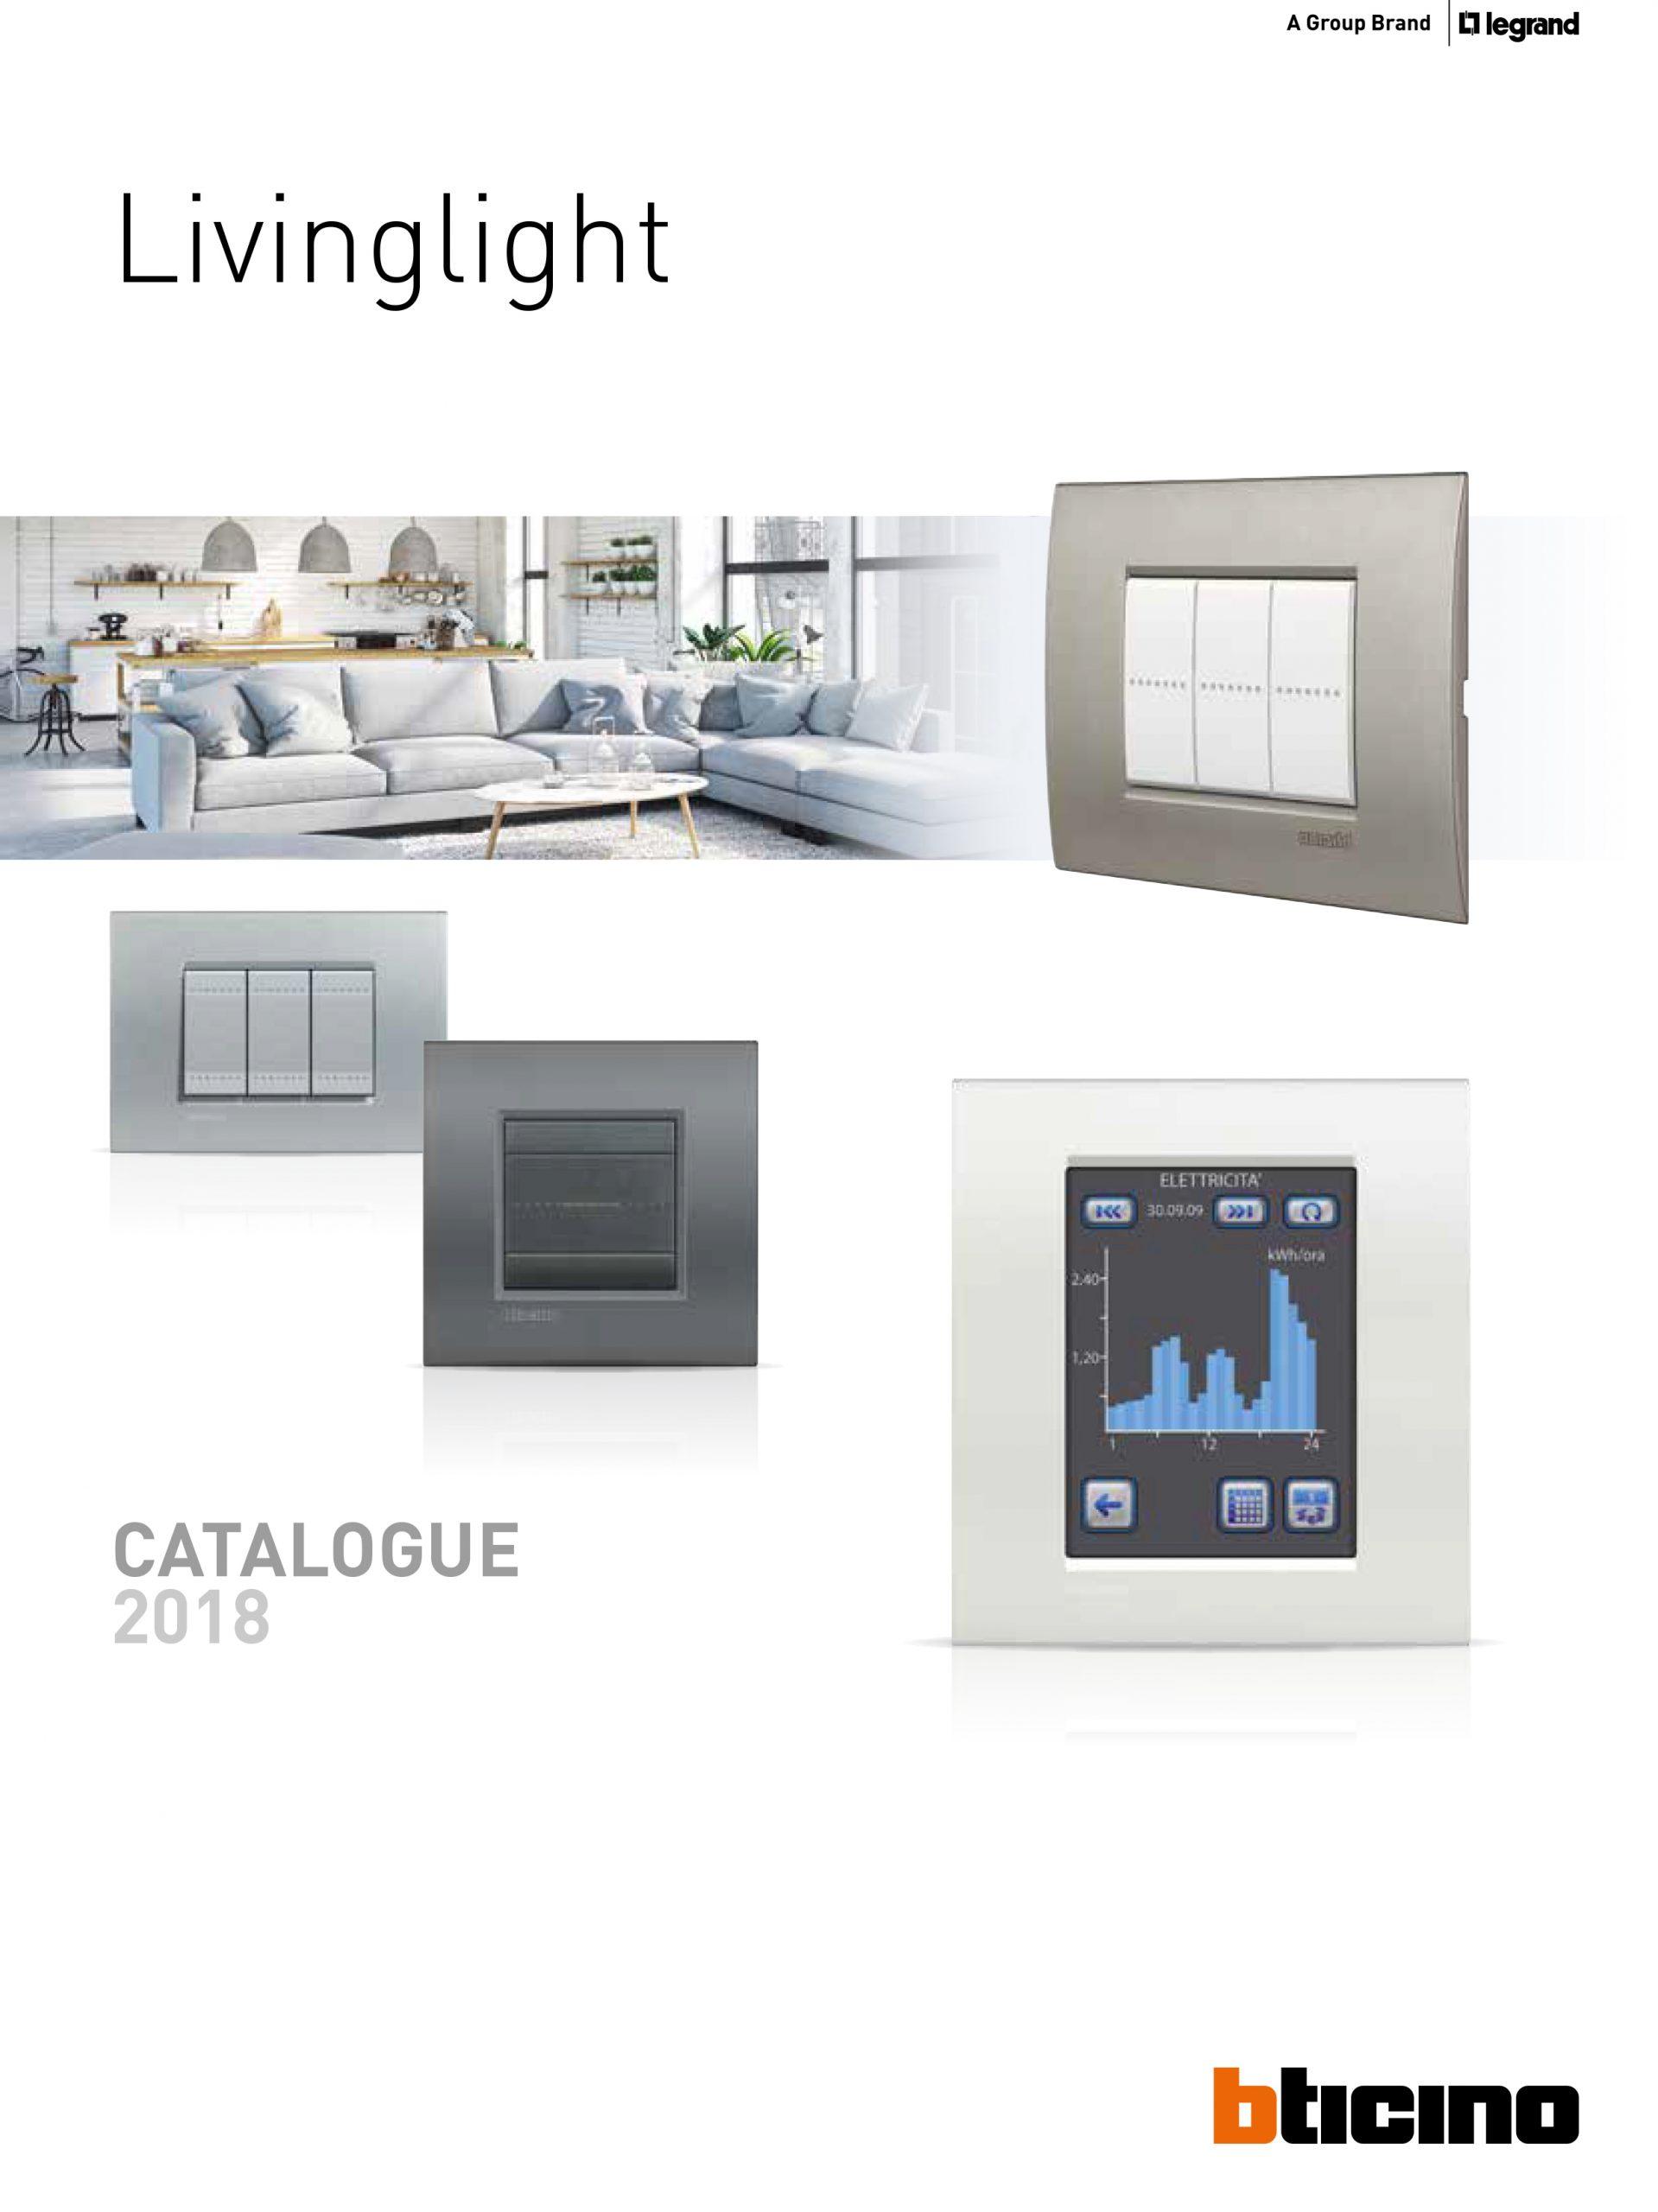 LEGRAND Livinglight_catalogue AD-EXLL18C_GB-1